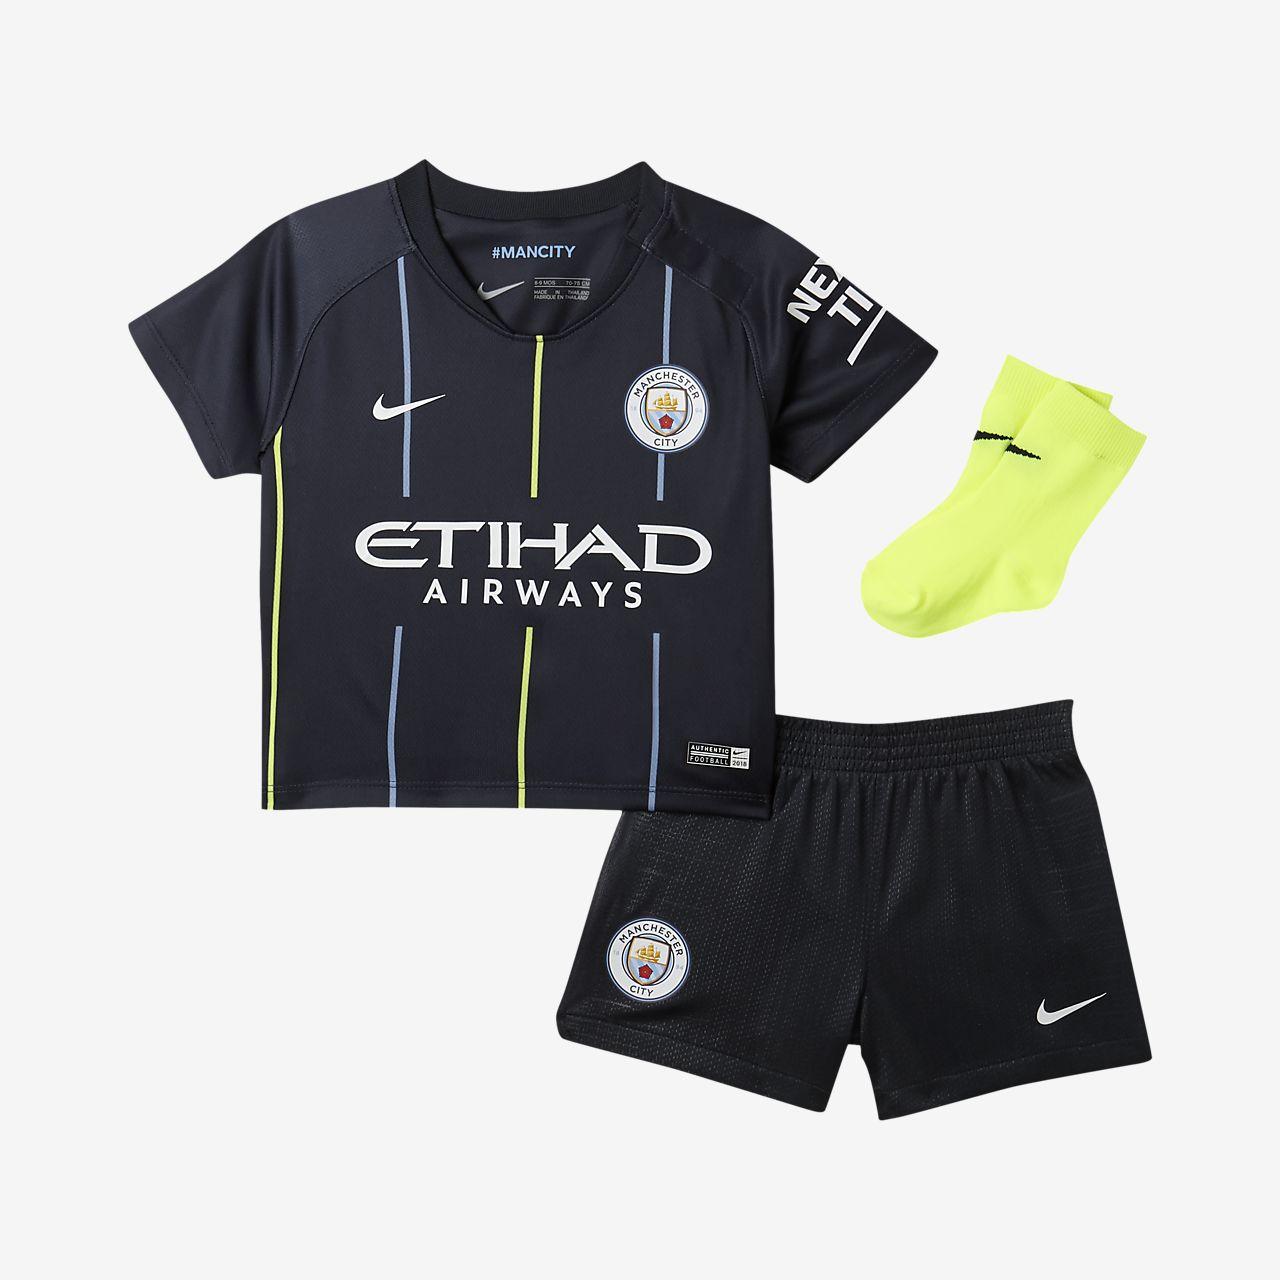 2018/19 Manchester City Stadium Away Fußballtrikot-Set für Babys und Kleinkinder